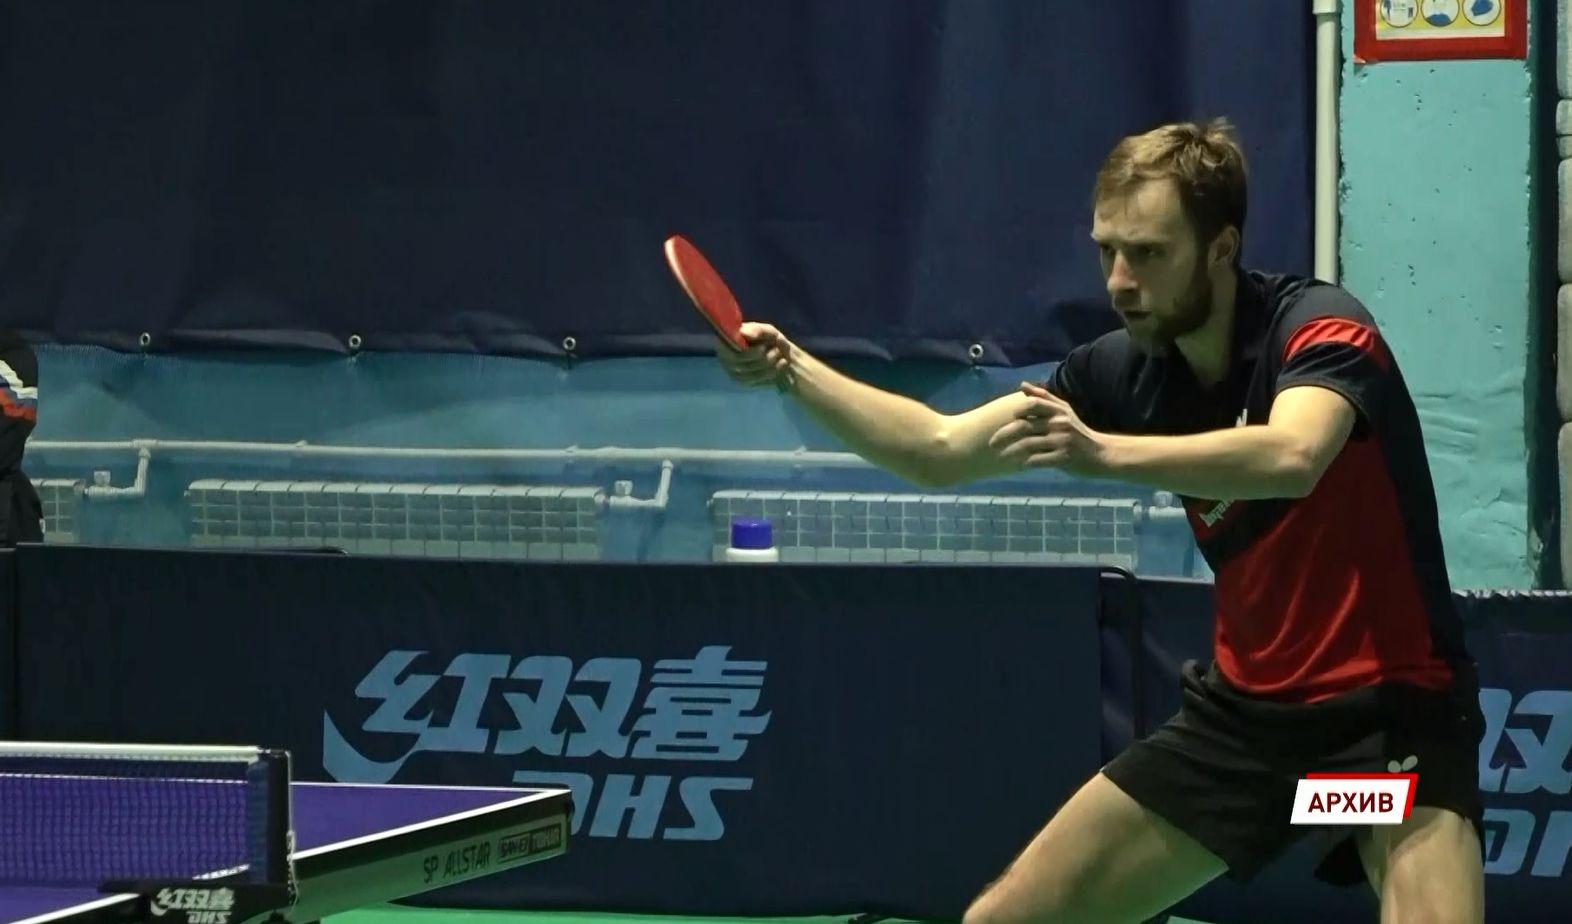 Ярославец Александр Шибаев - второй из россиян в мировом рейтинге Федерации настольного тенниса